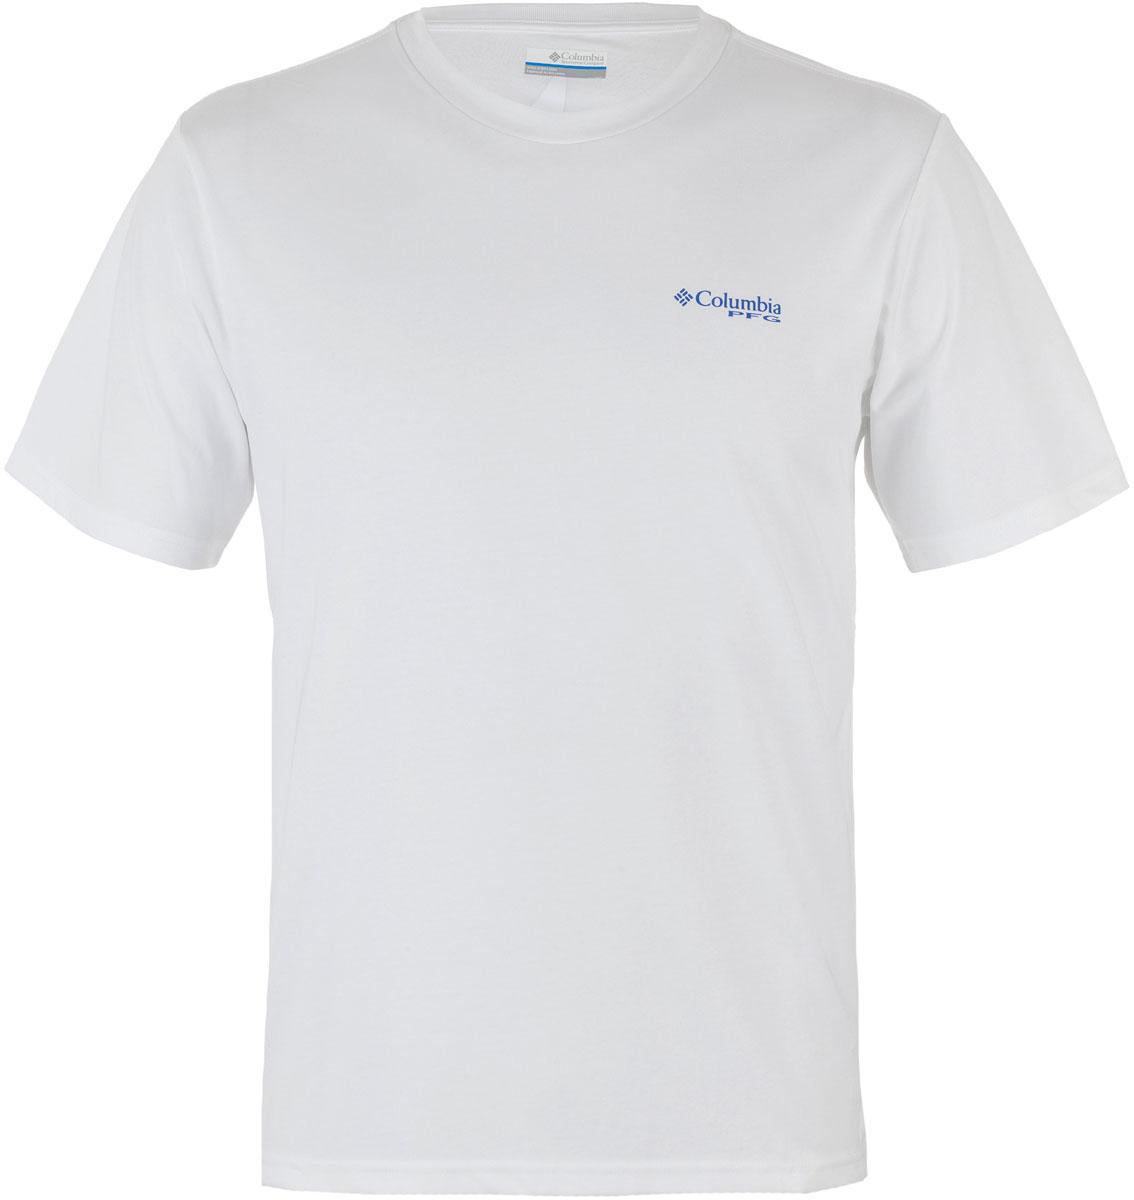 Футболка мужская Columbia PFG Shoreline Slam II SS T-shirt, цвет: белый. 1717161-100. Размер XL (52/54)1717161-100Футболка Columbia - оптимальный вариант для активного отдыха и повседневного использования. Модель выполнена из смеси хлопка и полиэстера, обеспечивает максимально комфортные ощущения во время использования, быстро сохнет и не мнется.